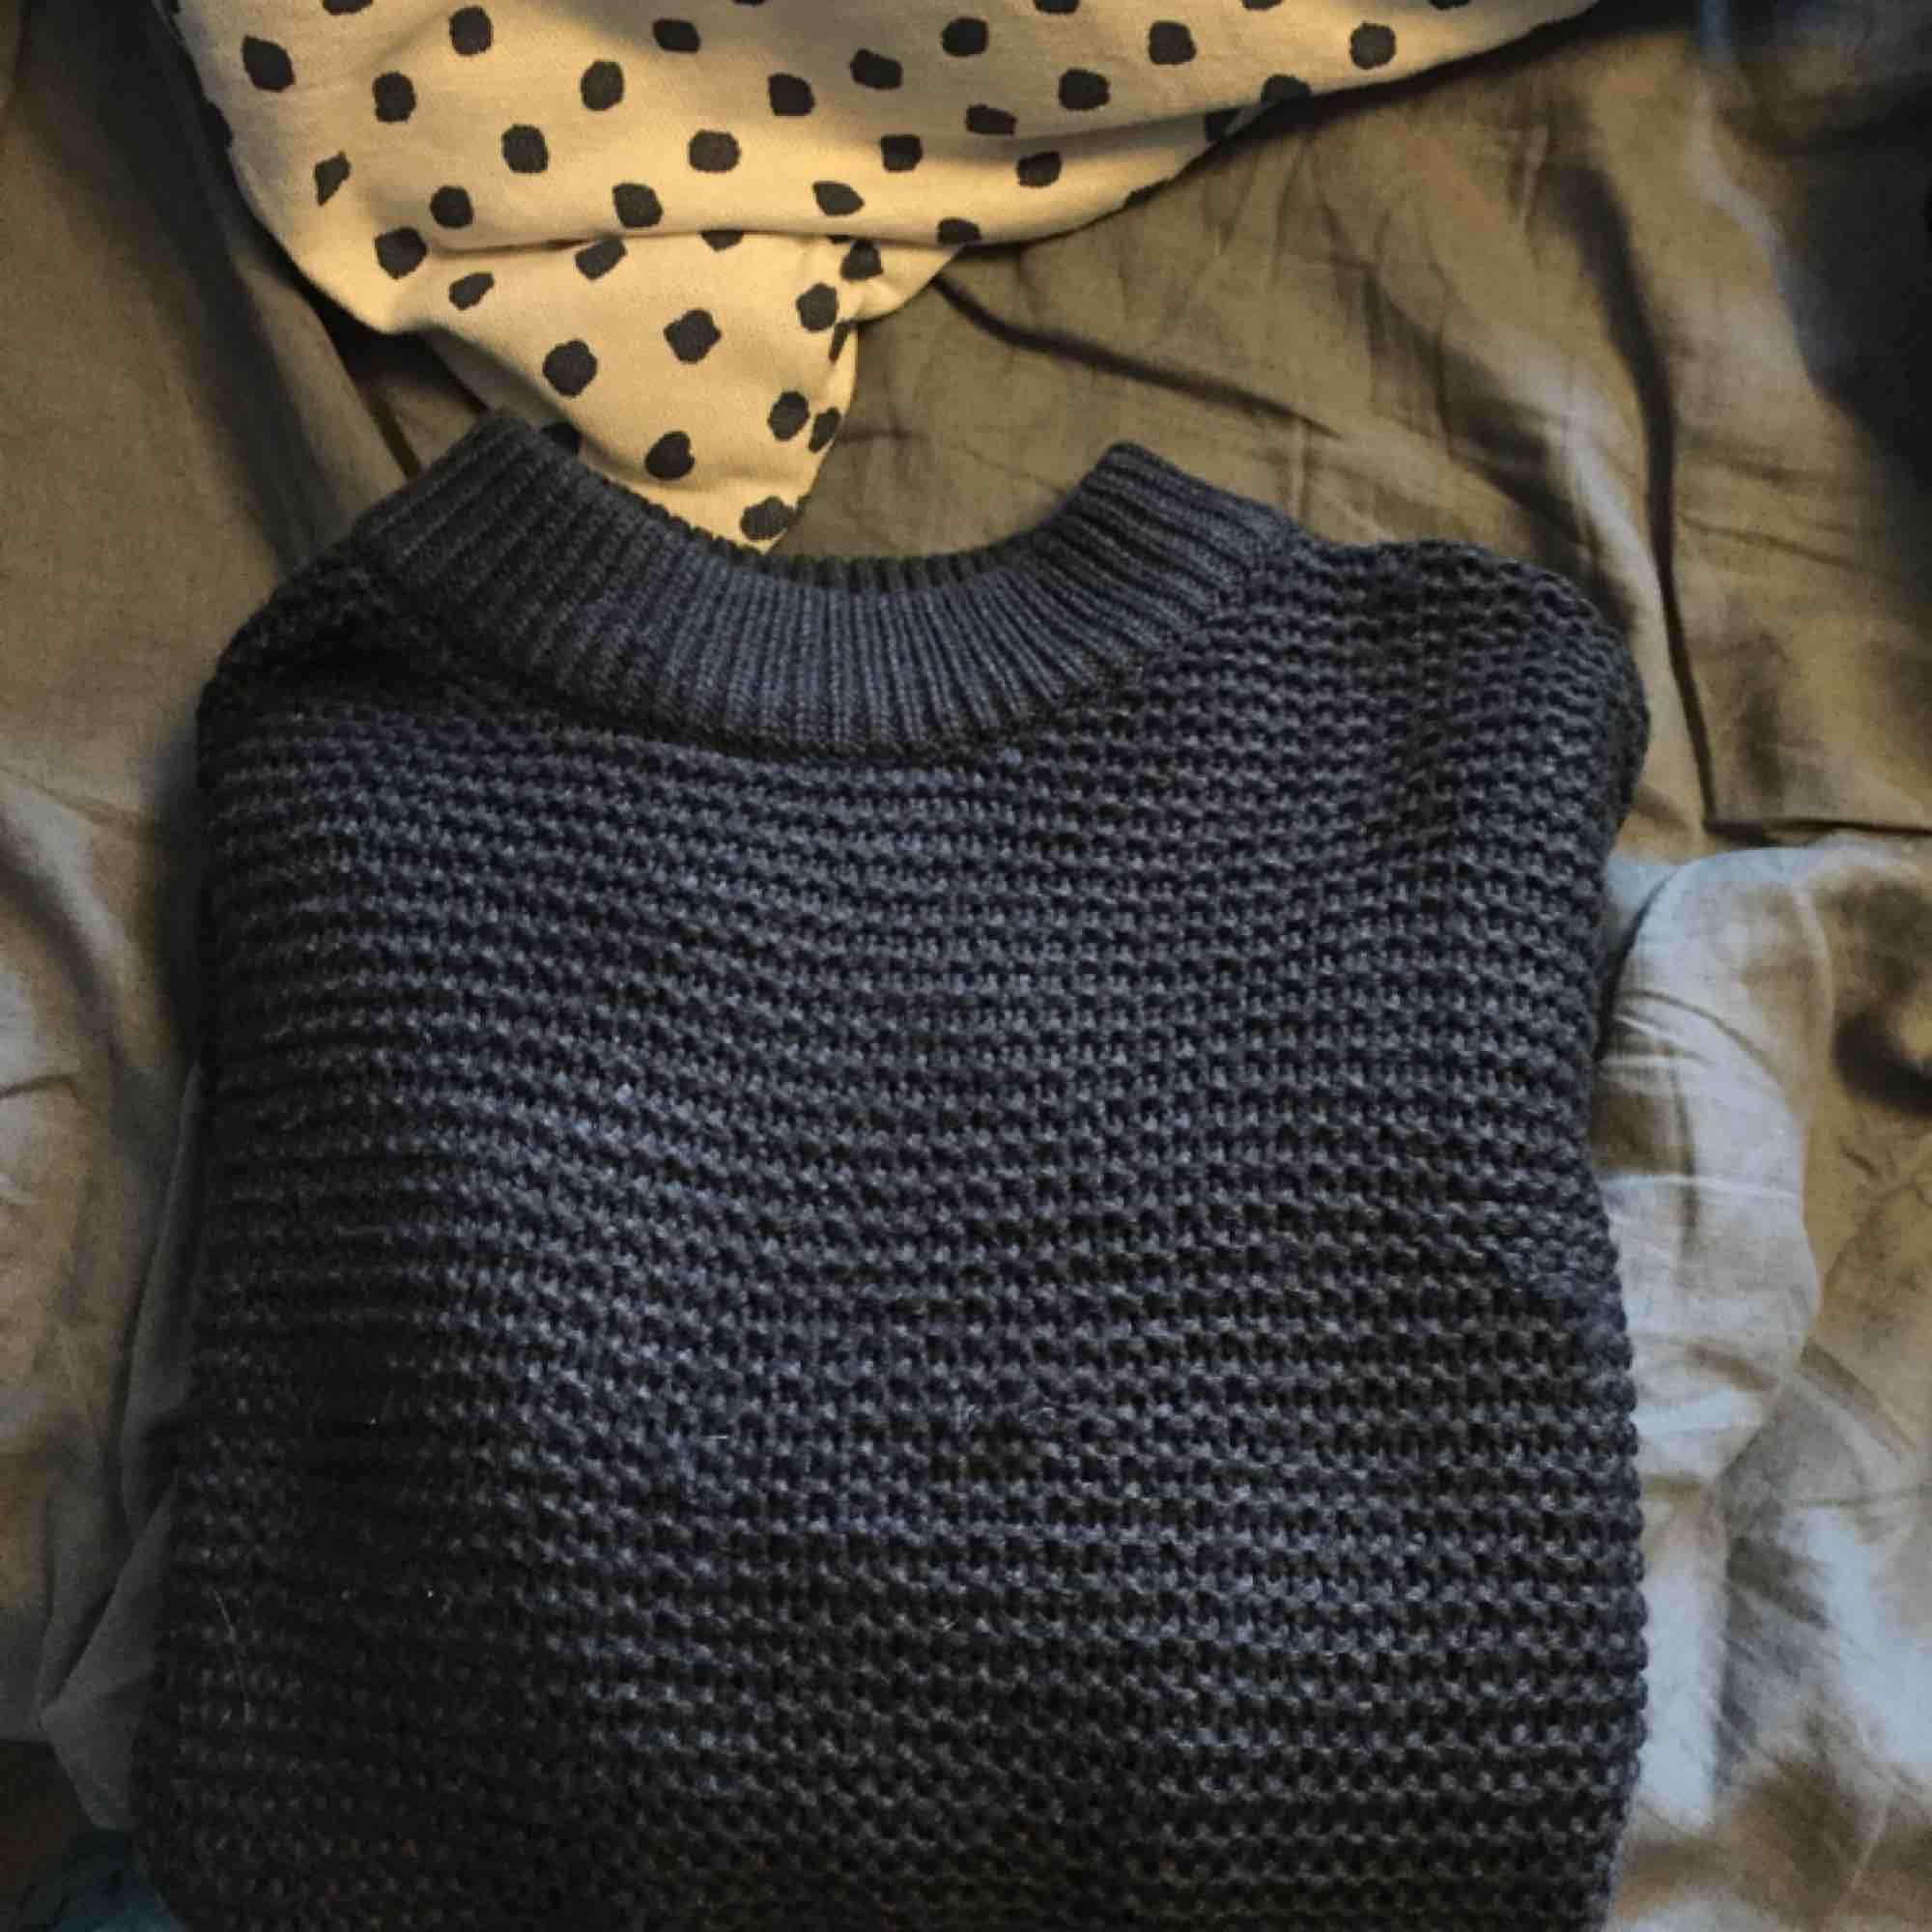 Mörkgrå stickad tröja. Har gått ett par maskor (kan säkert lösas genom att peta bak de på baksidan) i övrigt fint skick.. Stickat.